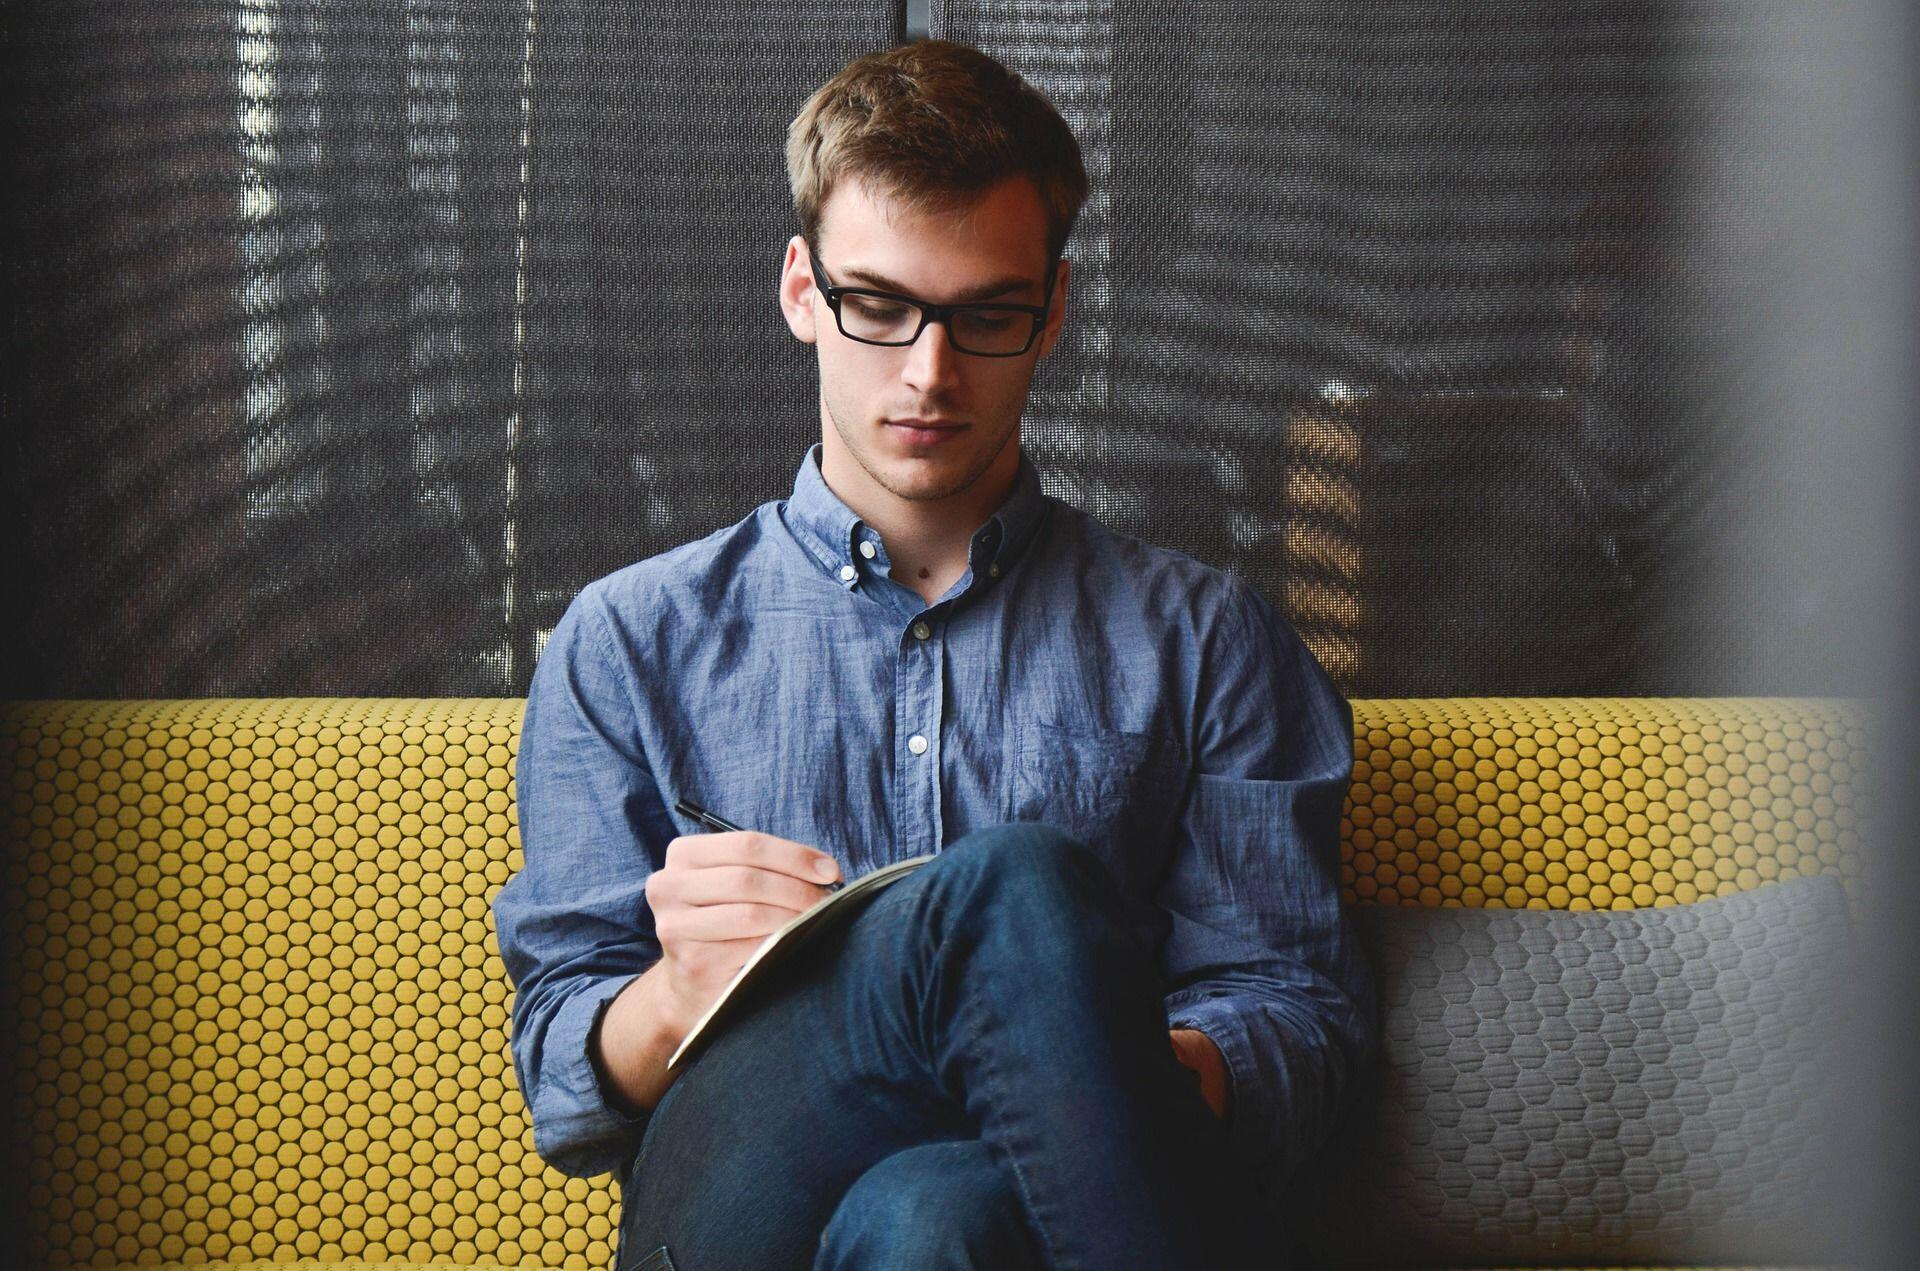 7 Hal yang Bisa Kamu Lakukan Ketika Merasa Harimu Gak Produktif